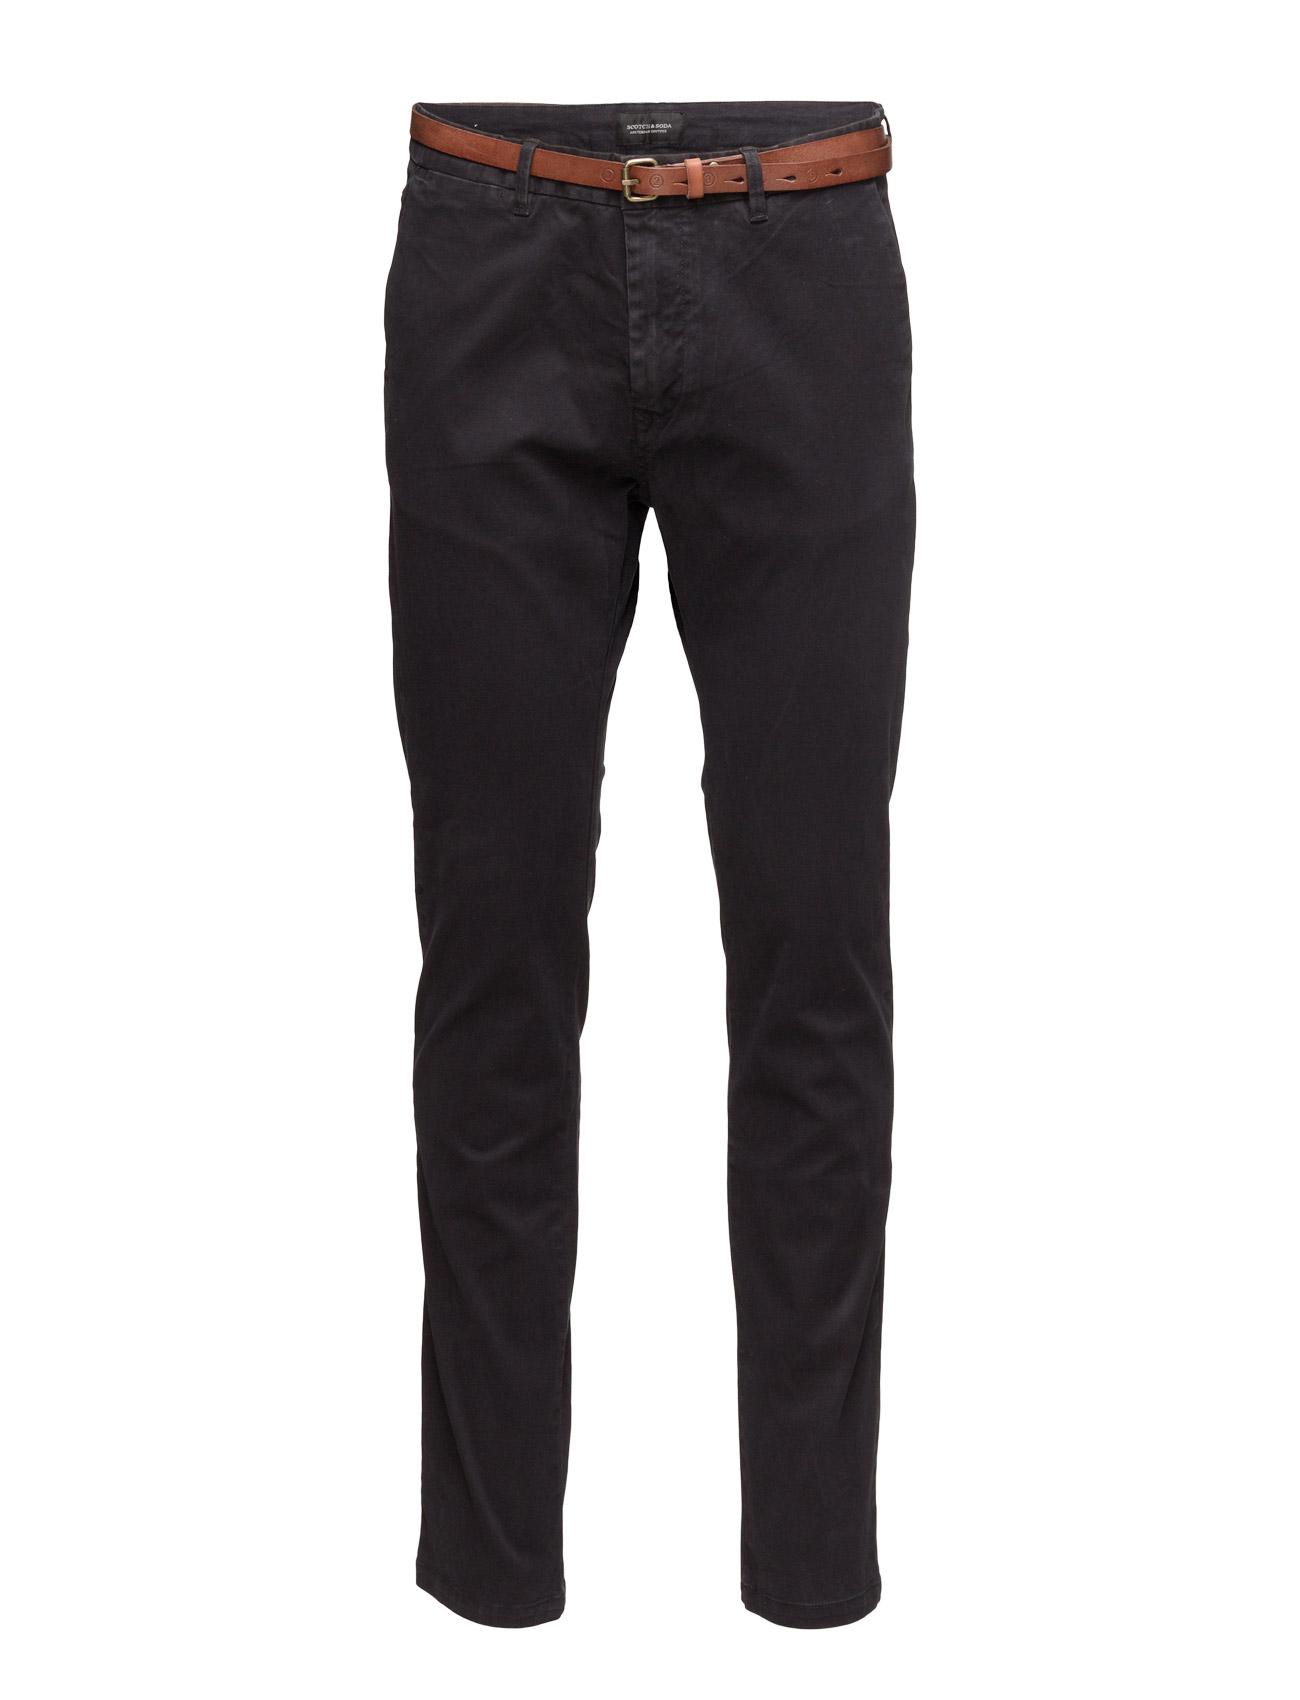 Slim Fit Cotton/Elastan Garment Dyed Chino Pant Scotch & Soda Bukser til Mænd i